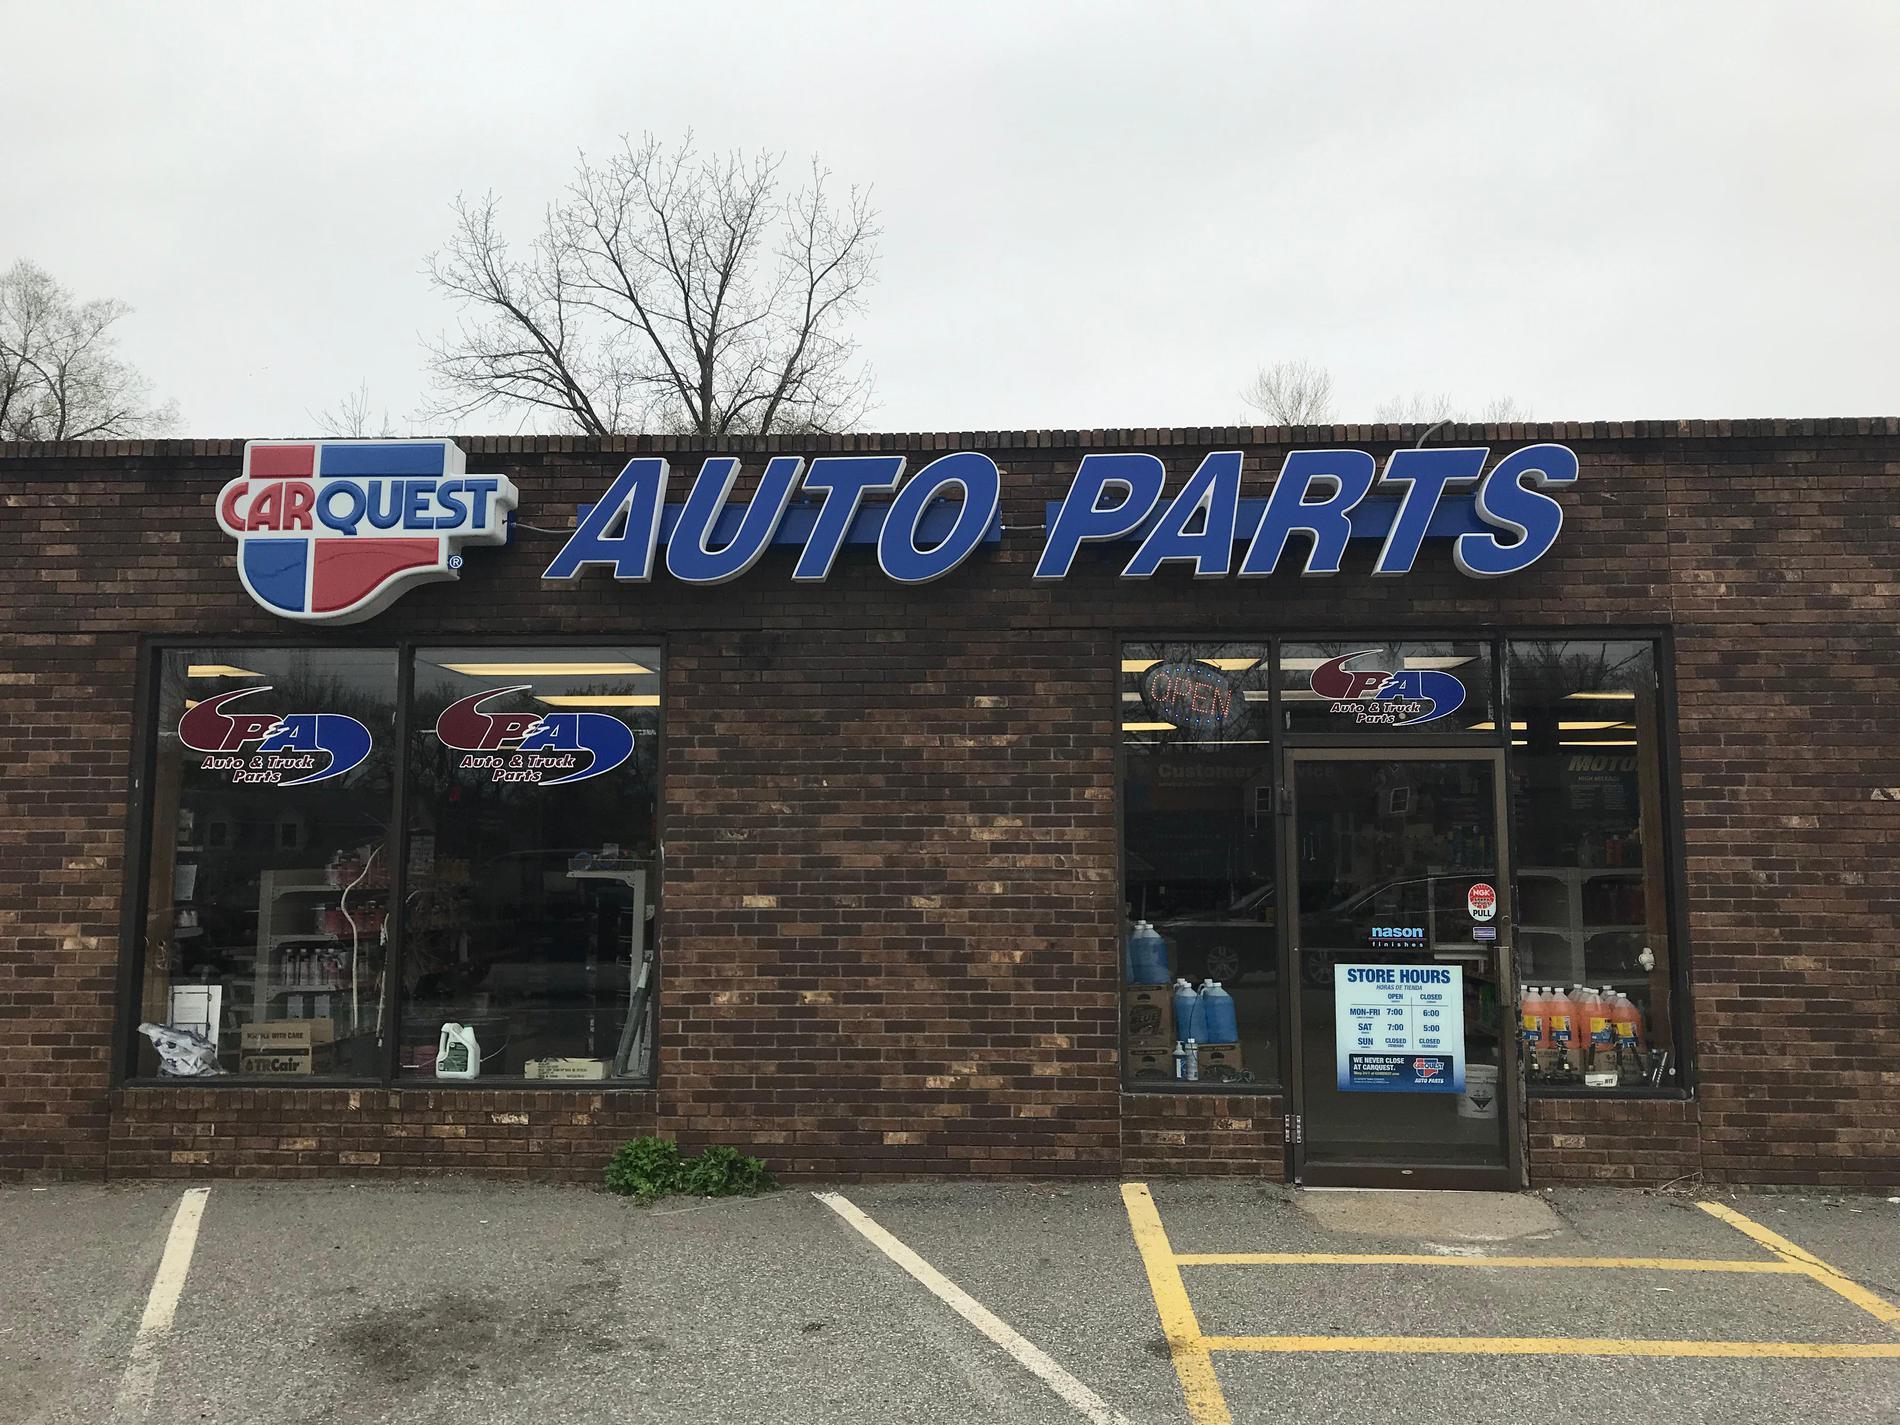 Carquest Auto Parts Near Me >> Riverdale Nj Carquest Auto Parts 25 State Rt 23